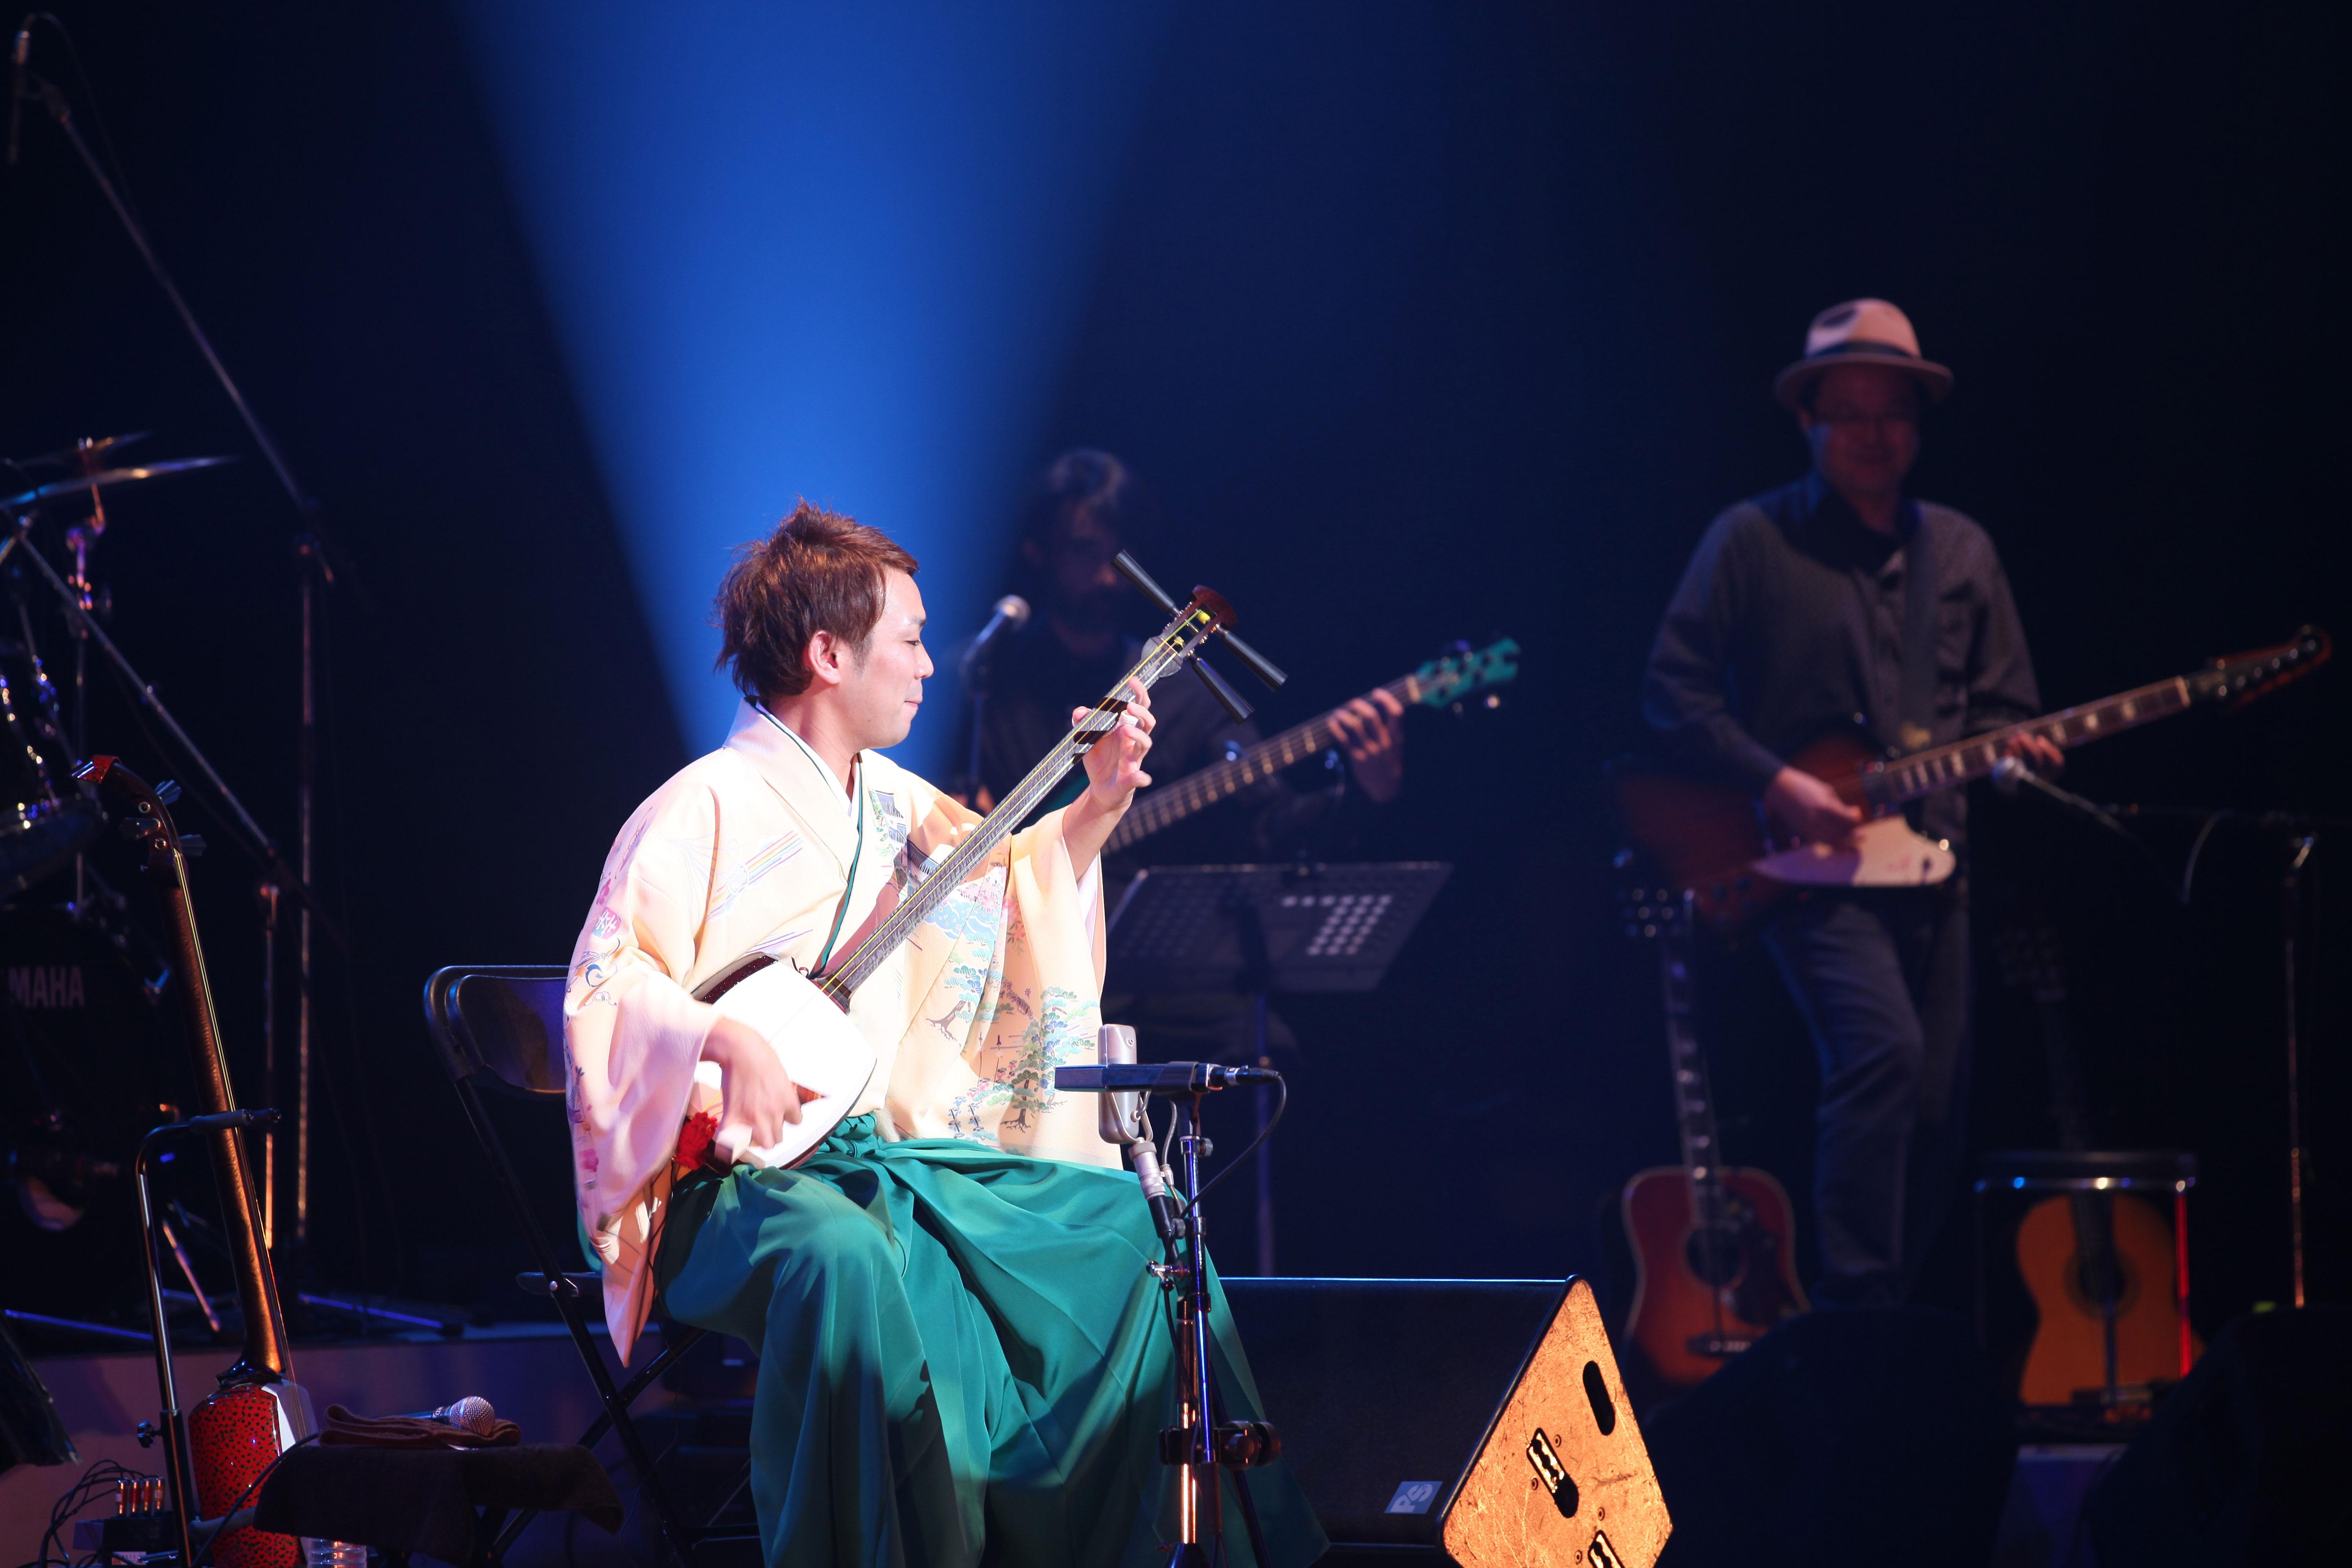 津軽三味線_永村幸治_2012_concert_22